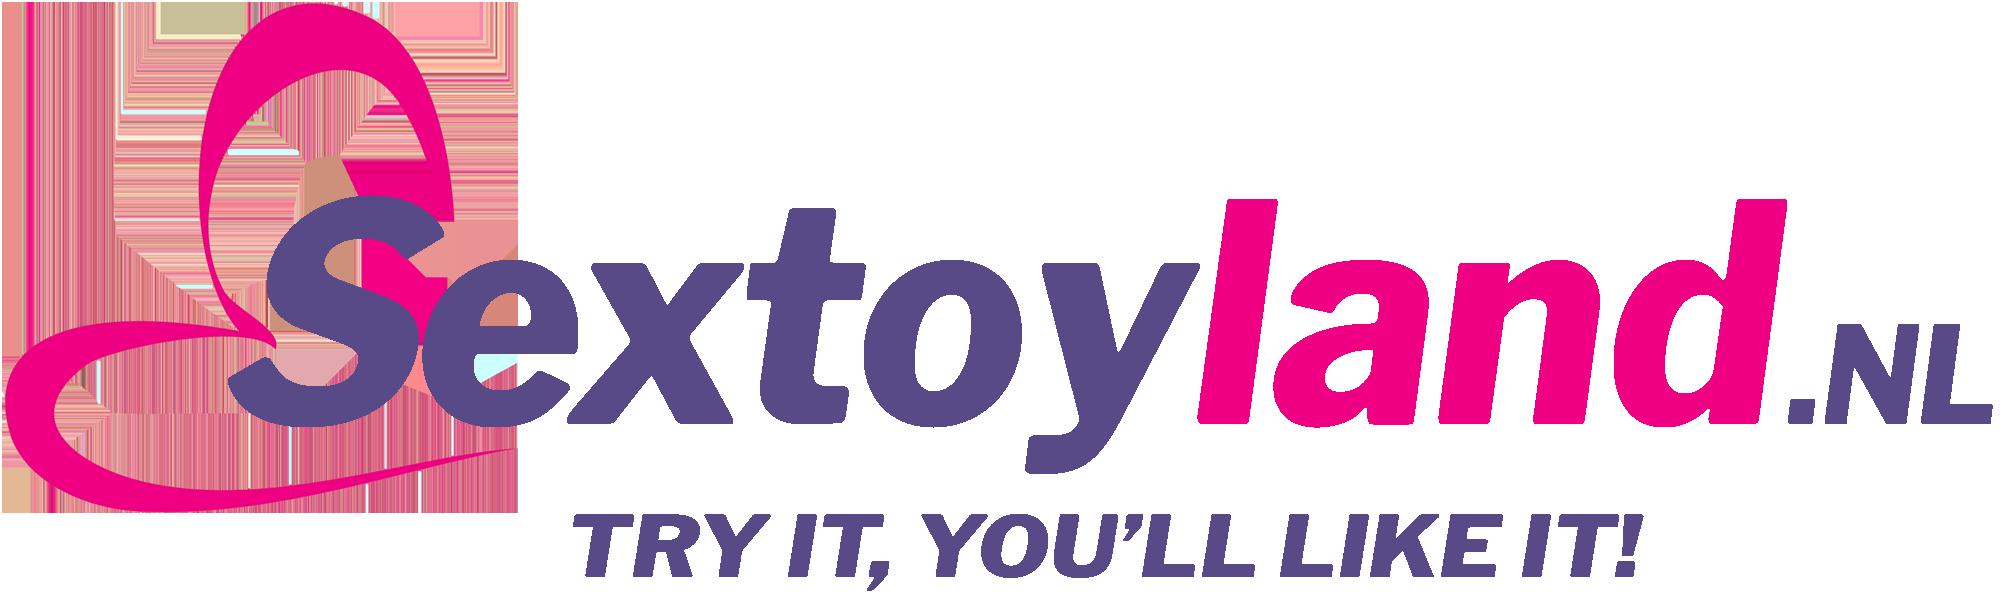 Sextoyland.nl